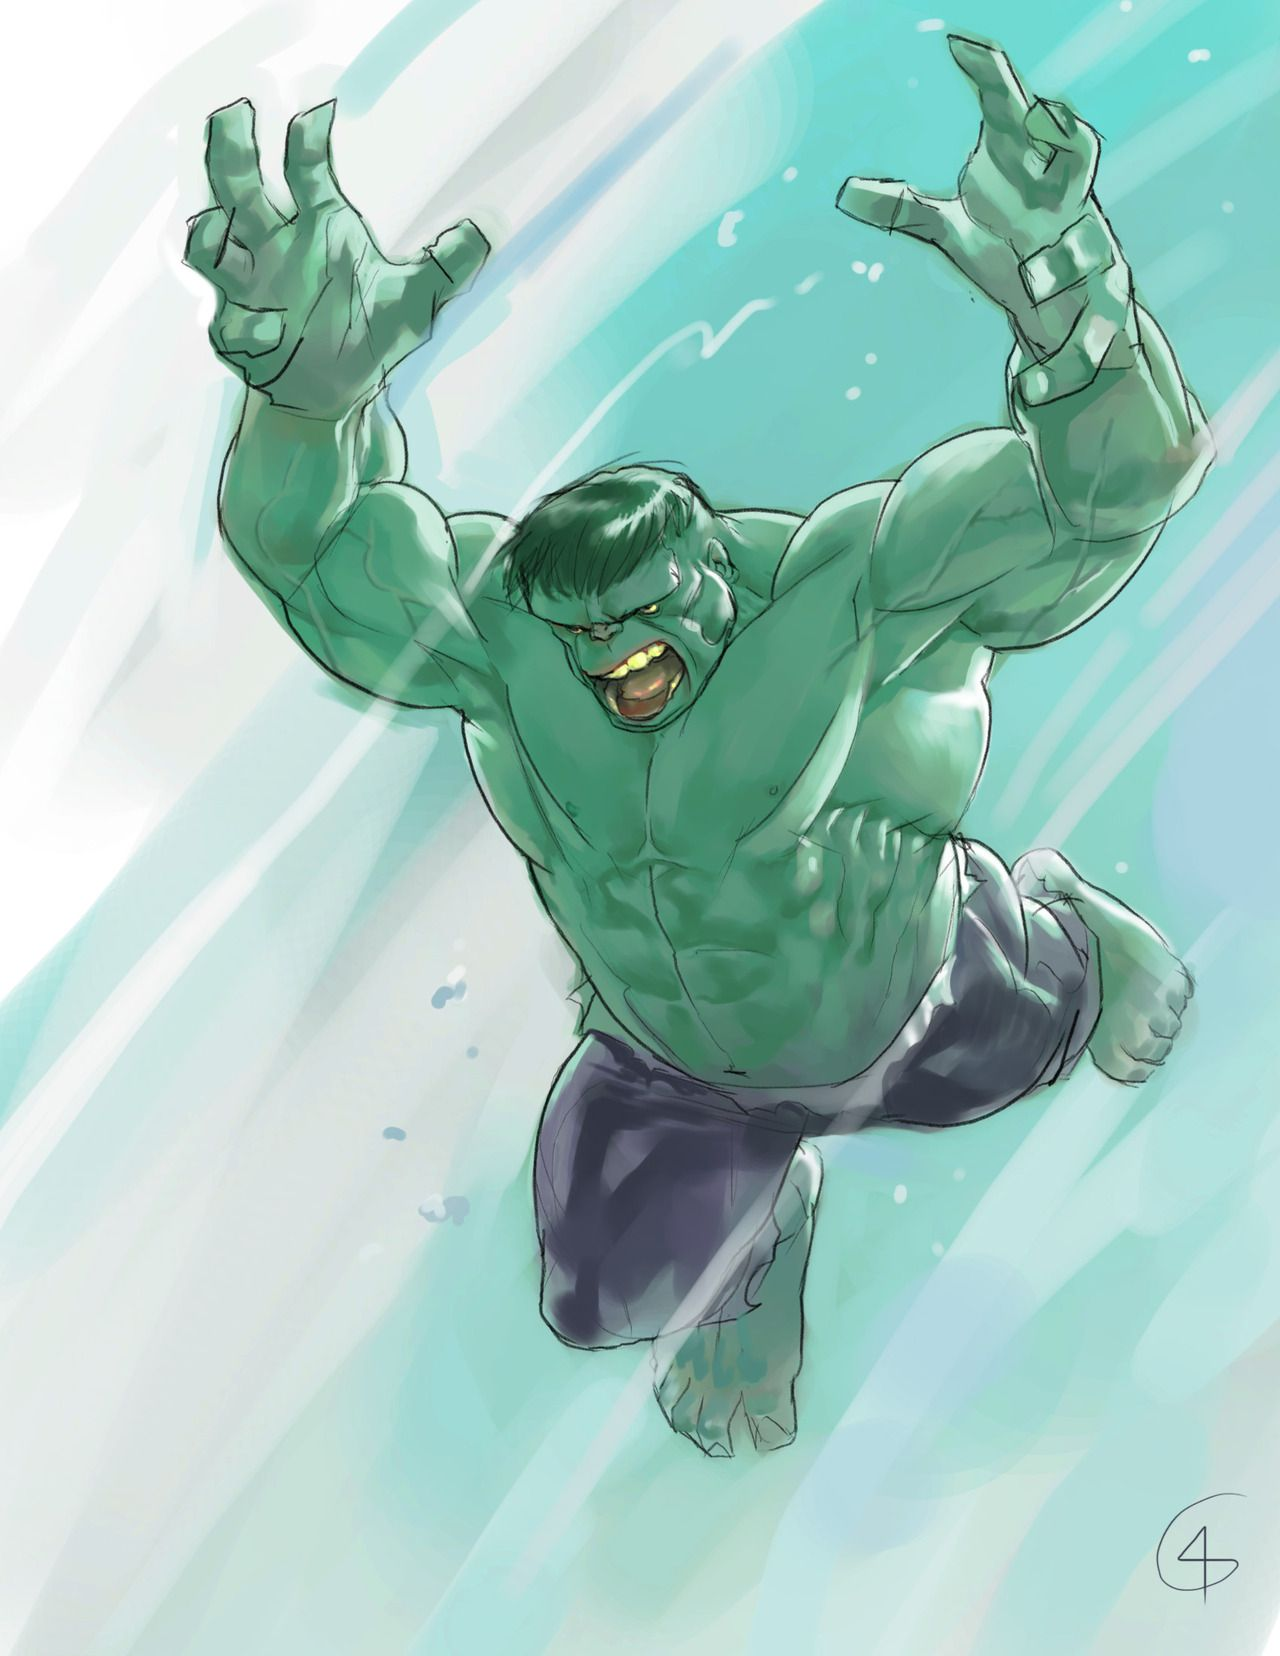 The Hulk by Godfrey Escota *